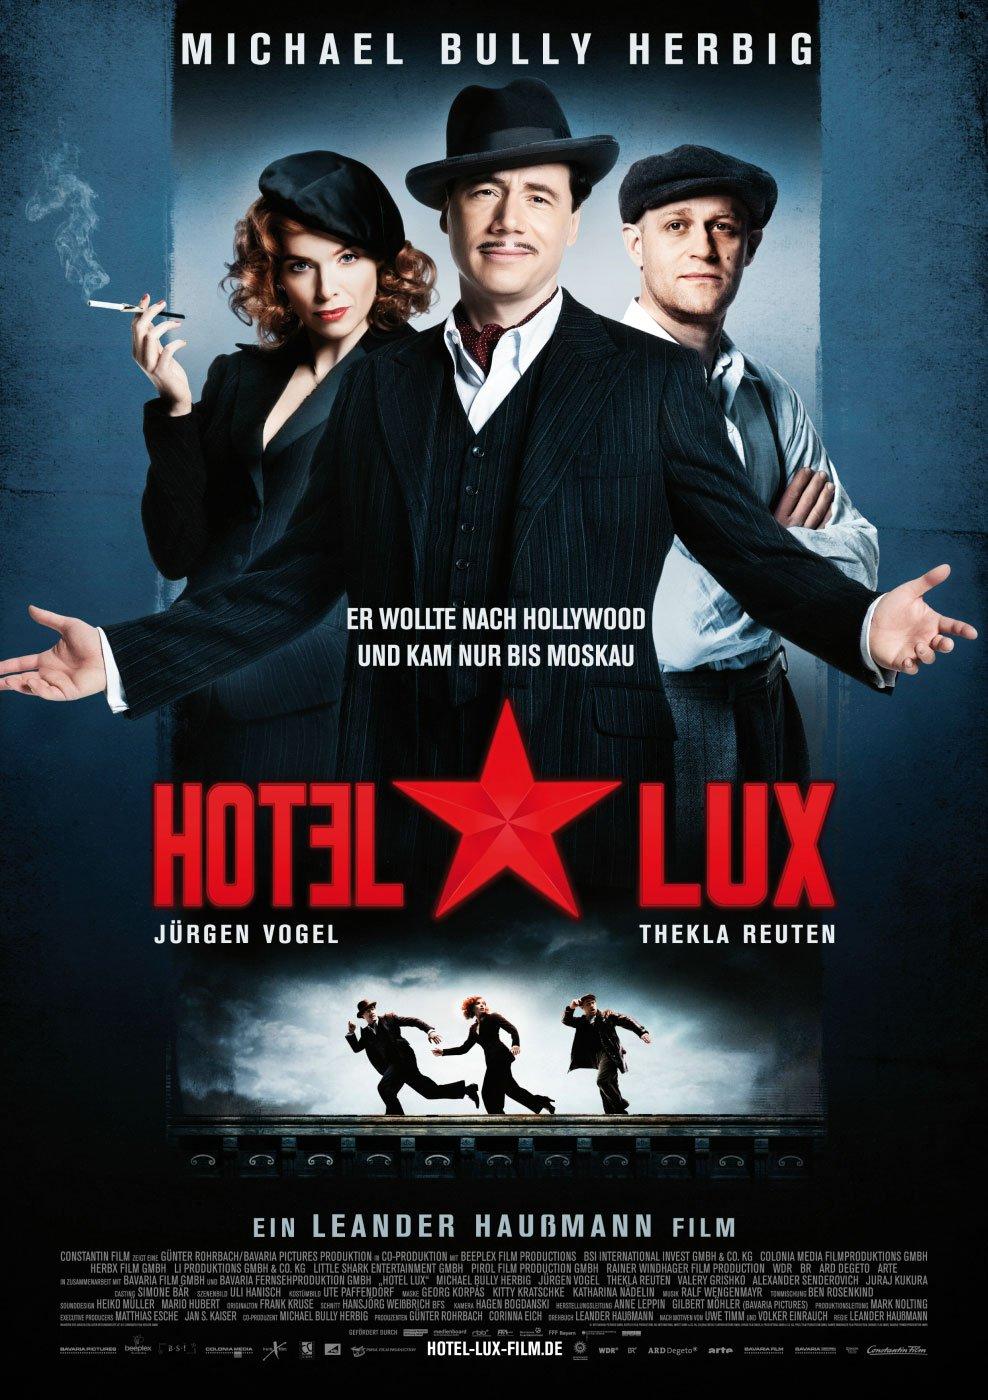 სასტუმრო ლუქსი / Hotel Lux